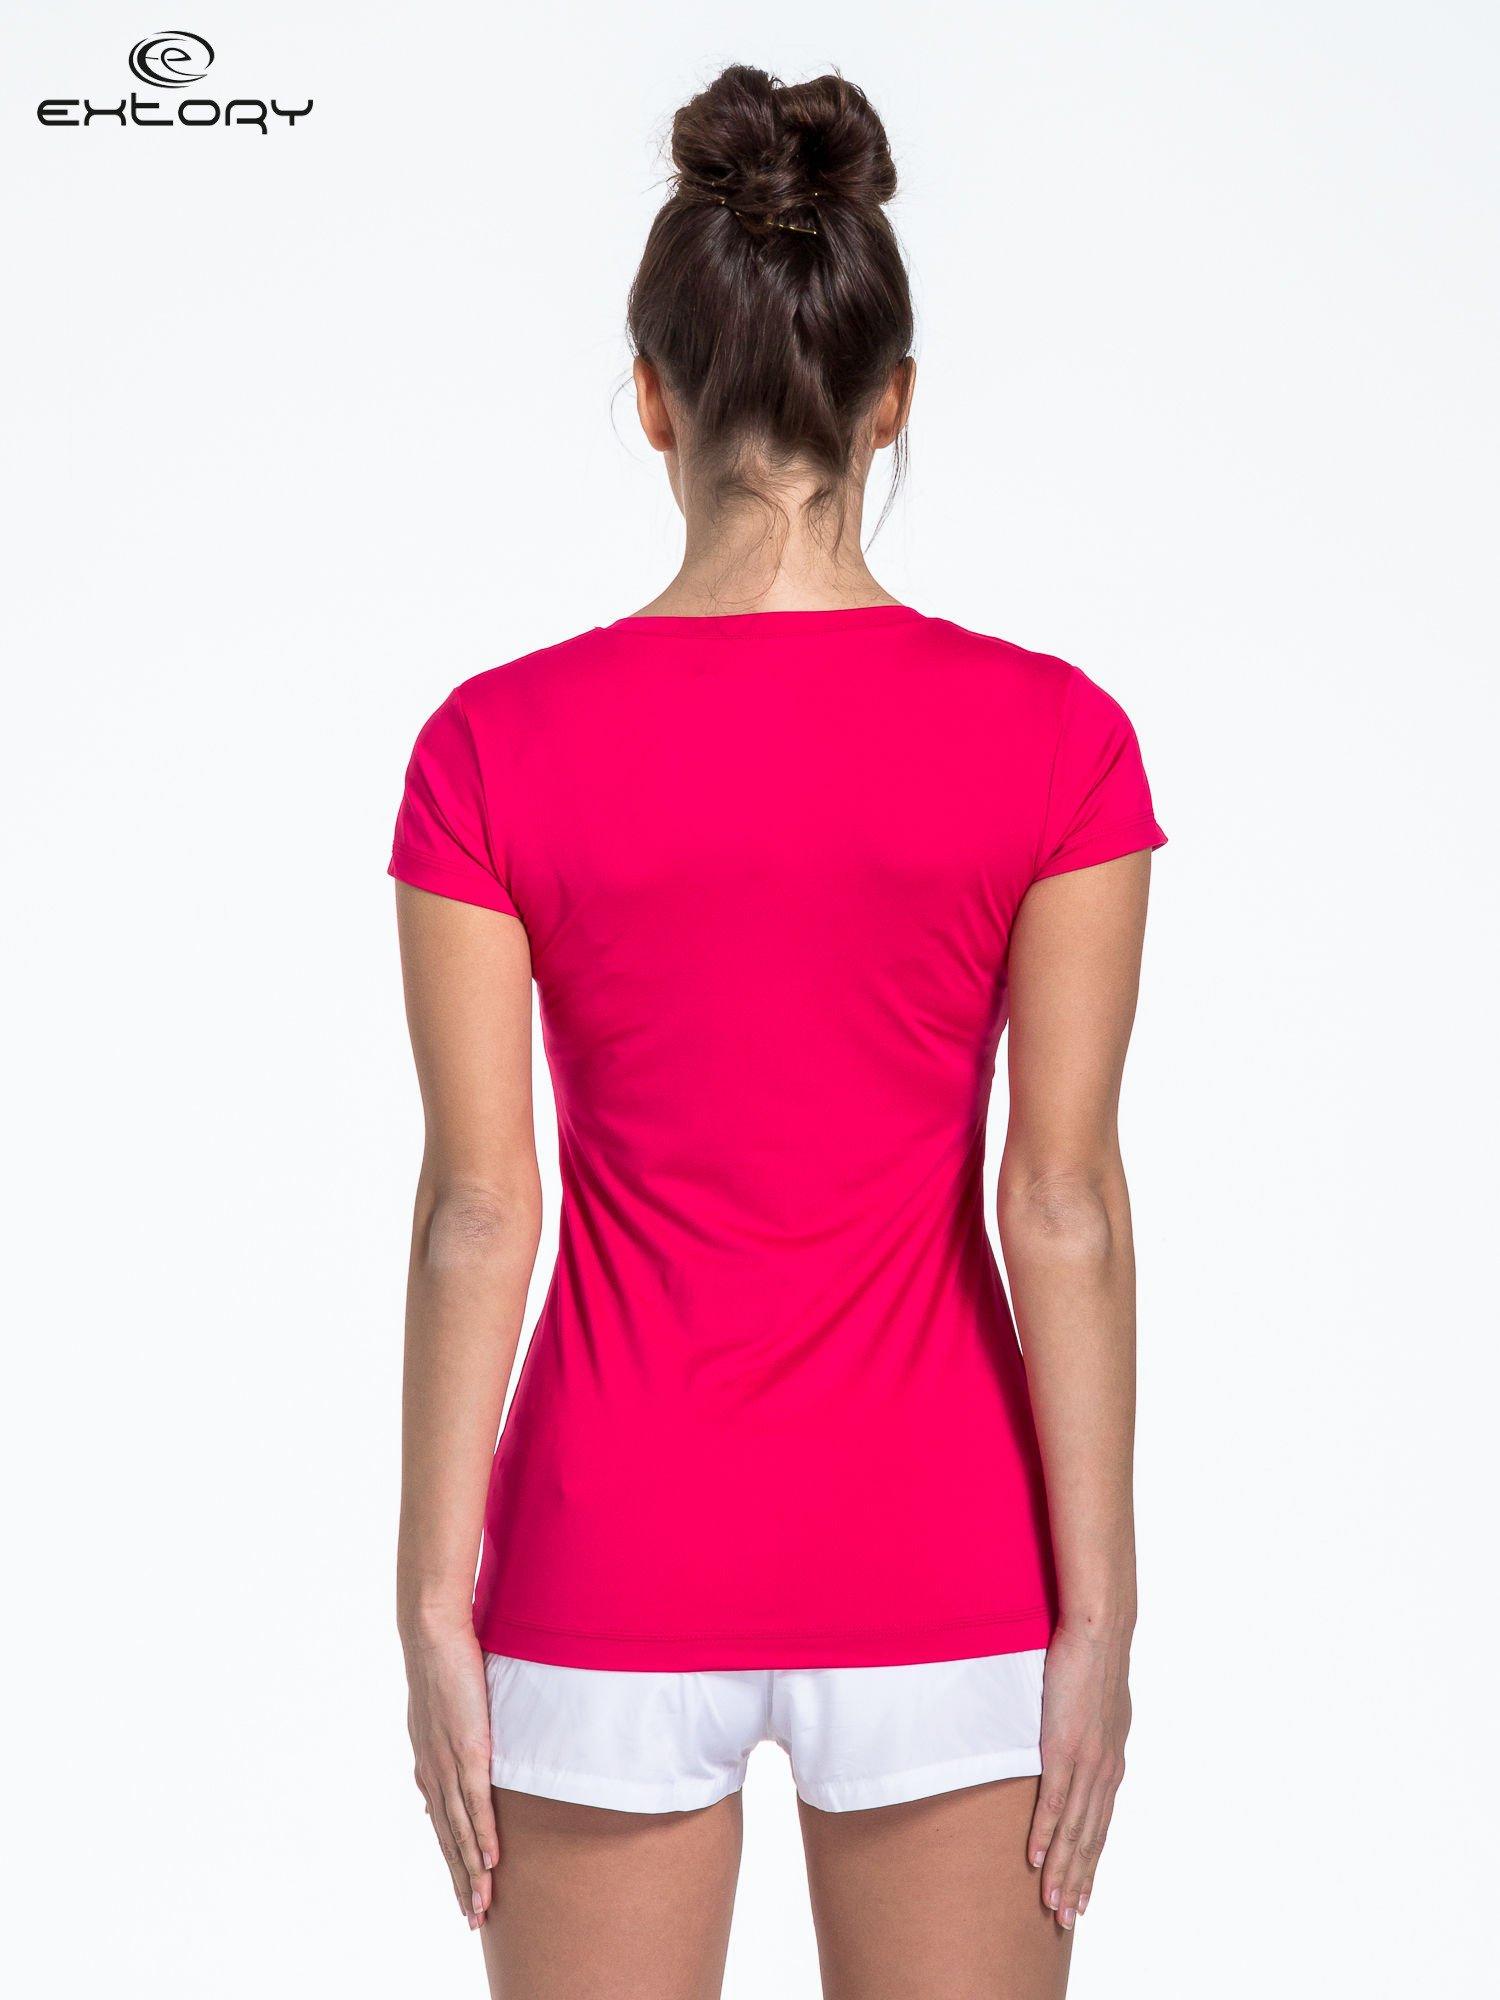 Ciemnoróżowy t-shirt sportowy termoaktywny z dekoltem V                                  zdj.                                  4